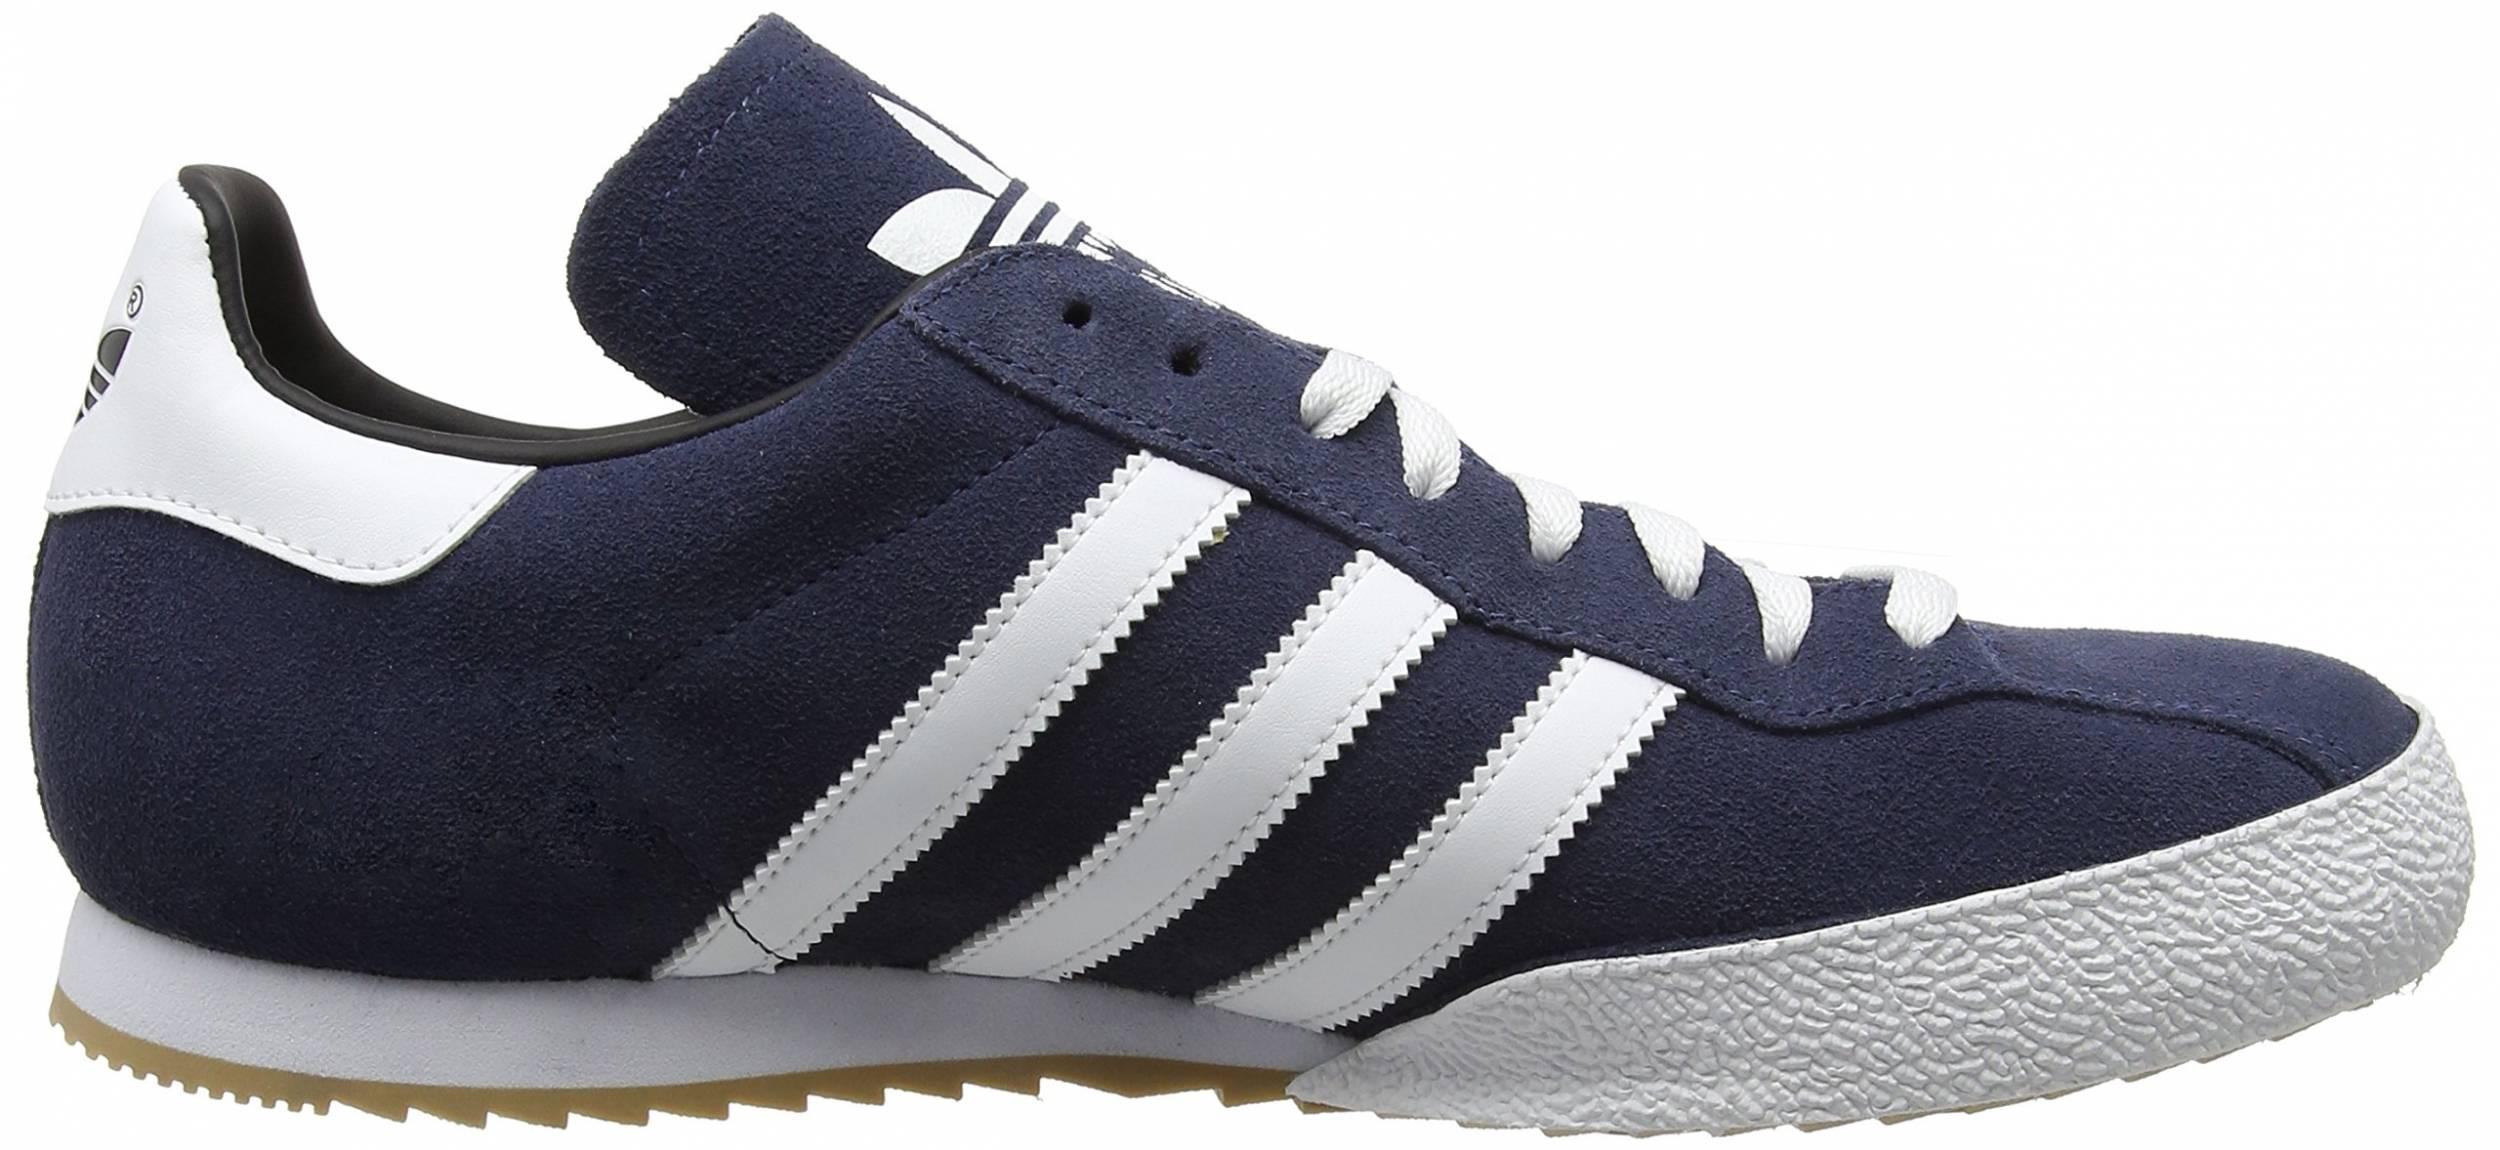 adidas samba shoes price